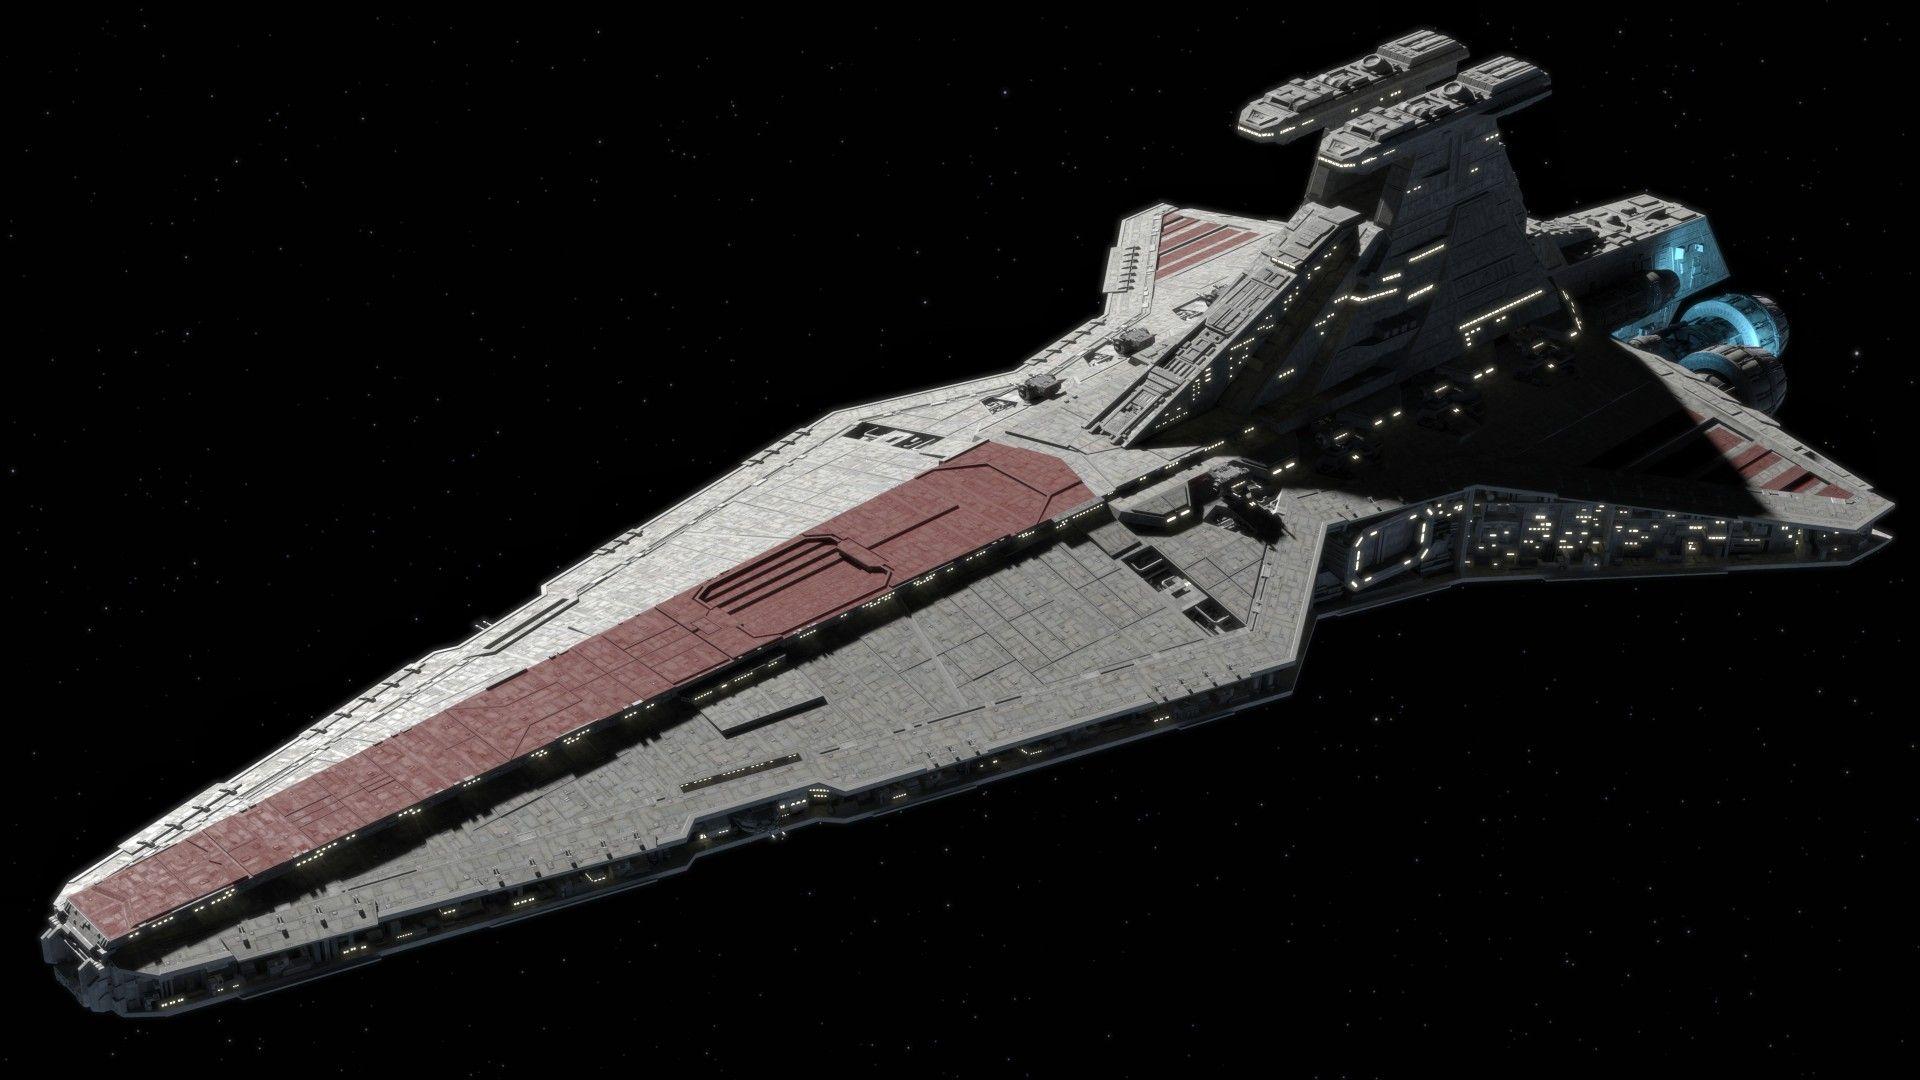 Venator Star Destroyer starwars Star Wars Star wars